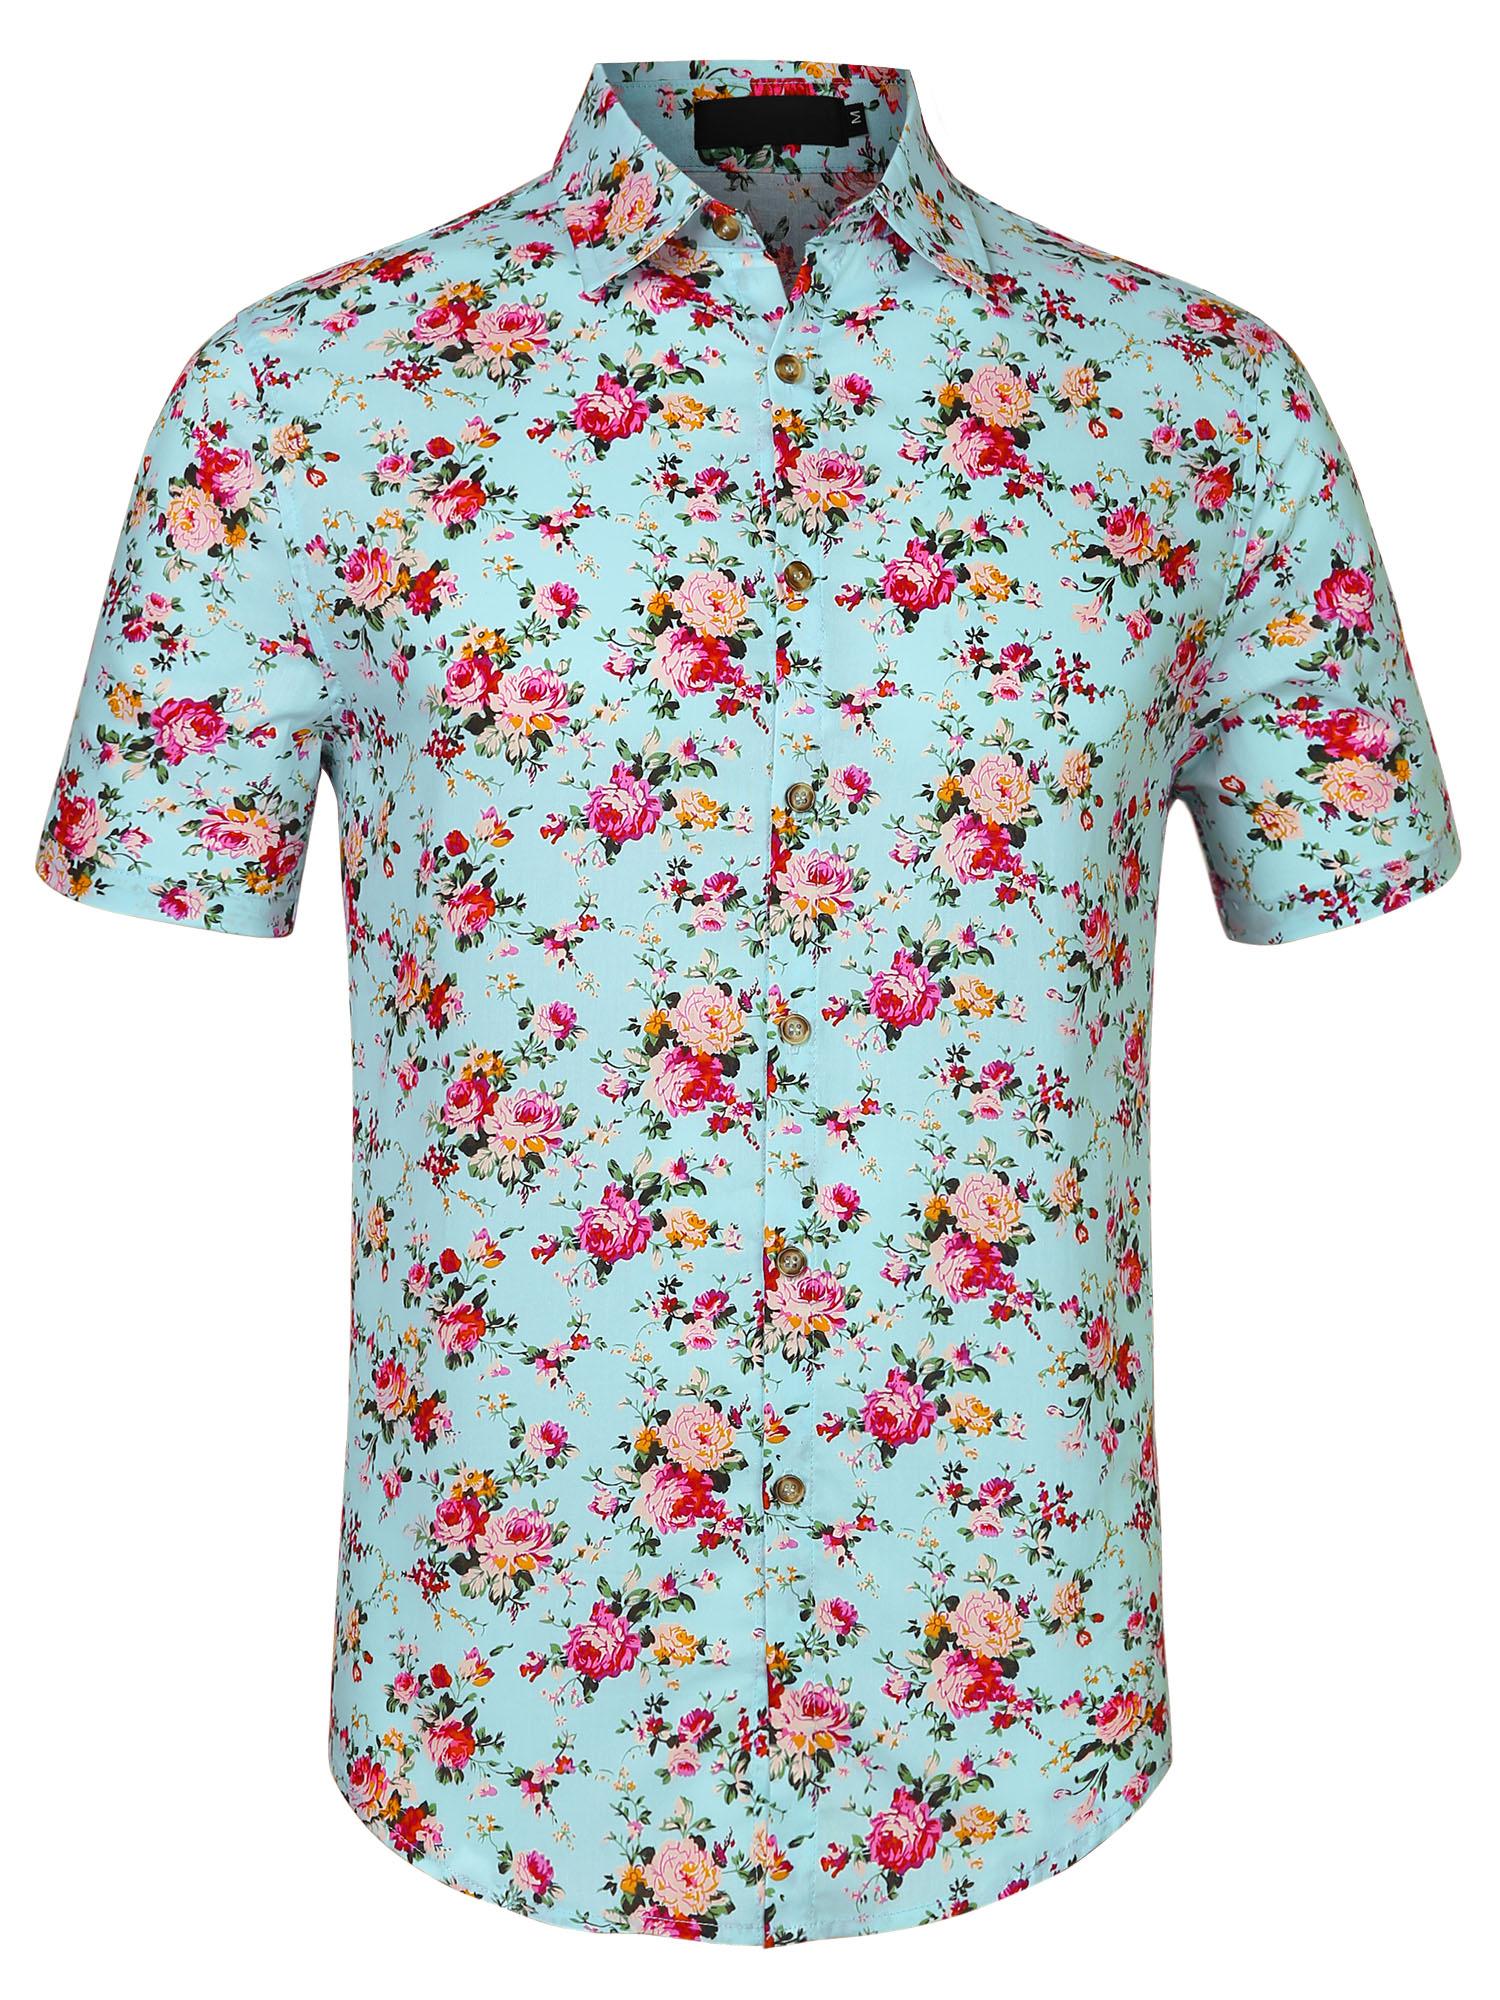 Men Short Sleeve Button Floral Print Cotton Hawaiian Shirt Mint M